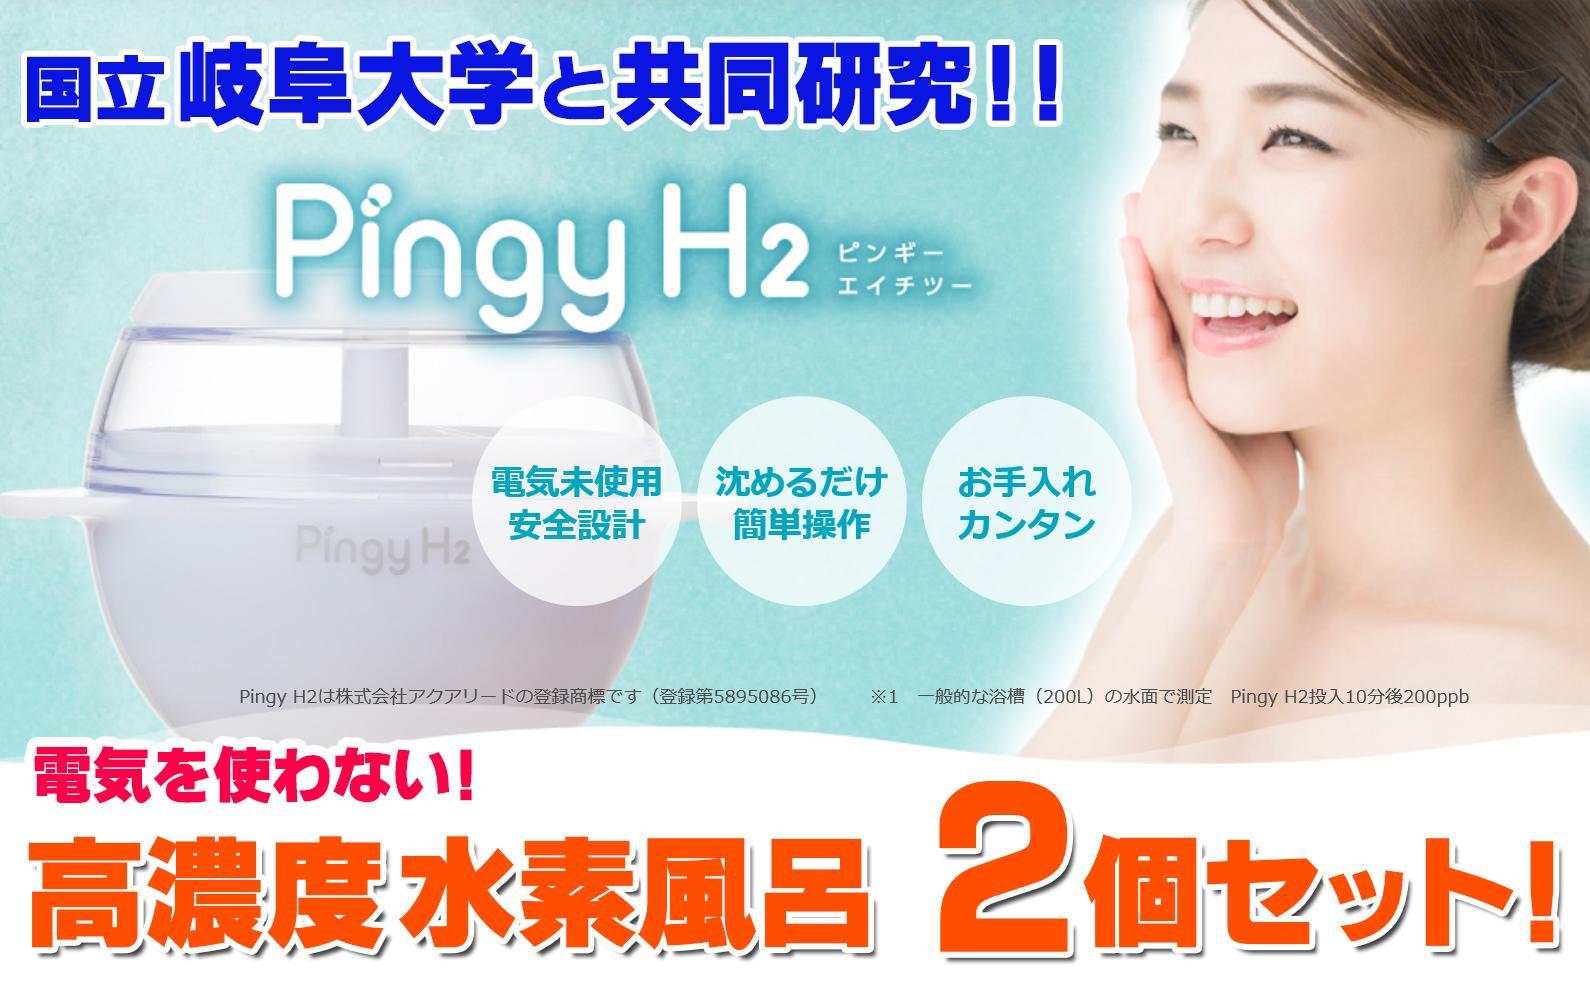 【ふるさと納税】家庭で気軽に!電気を使わない水素風呂入浴器 Pingy H2 本体・カートリッジ・クエン酸それぞれ2個セット!